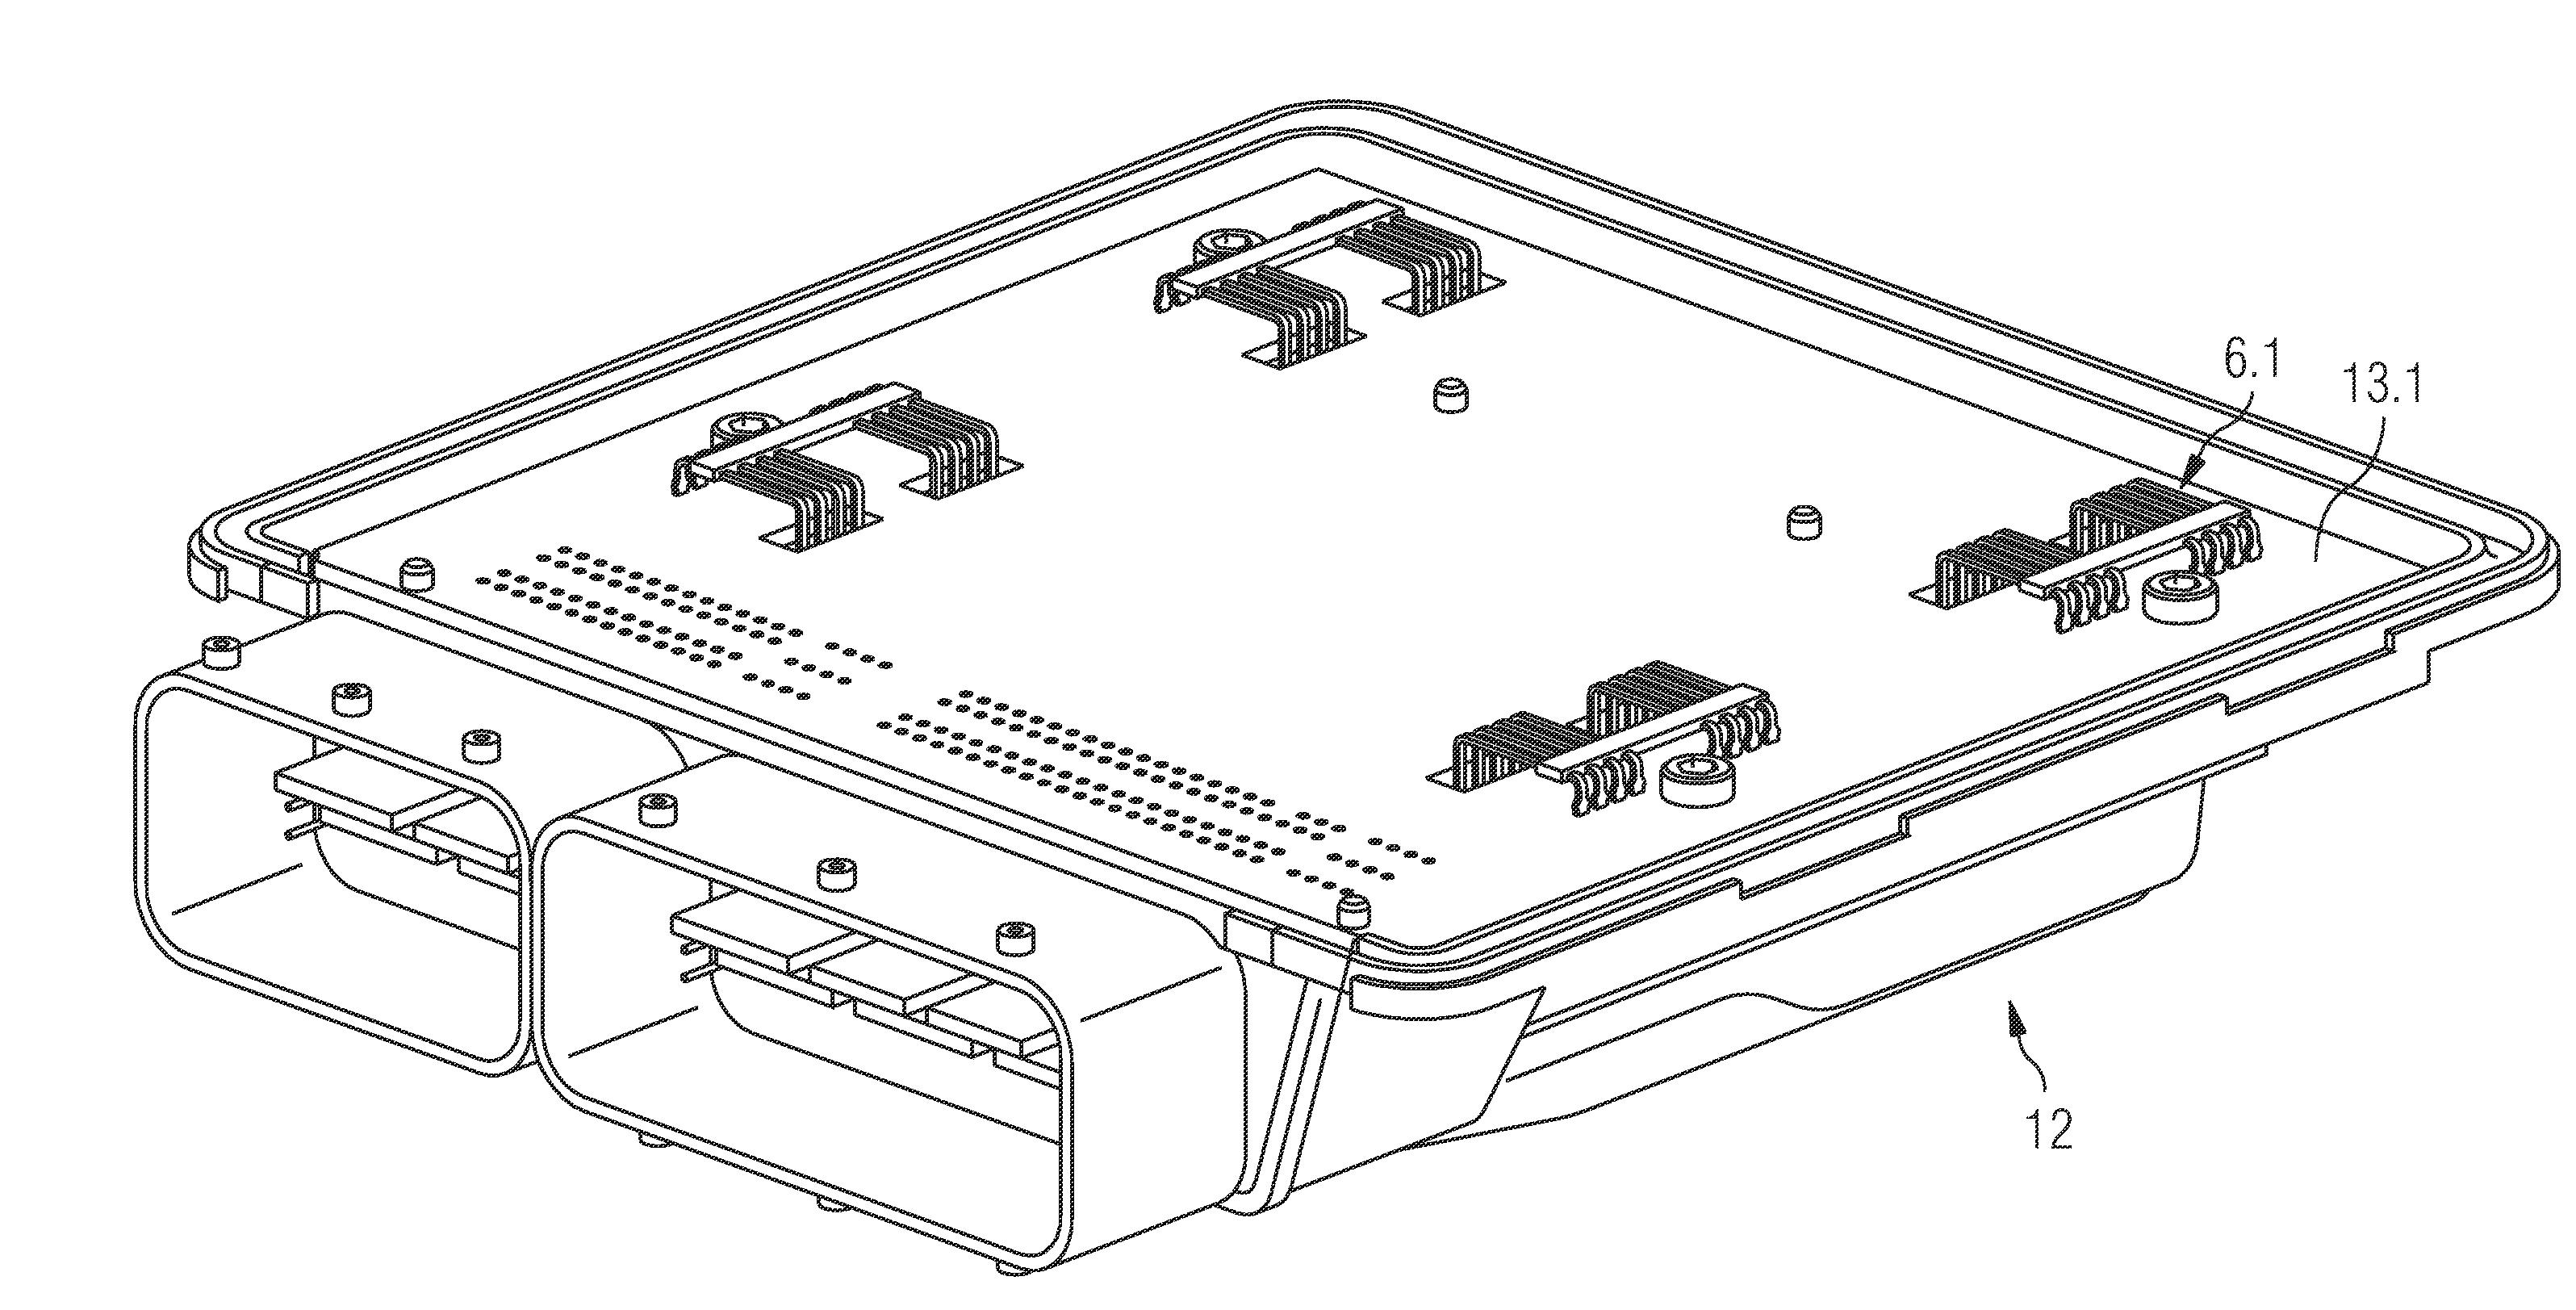 patent us20080200047